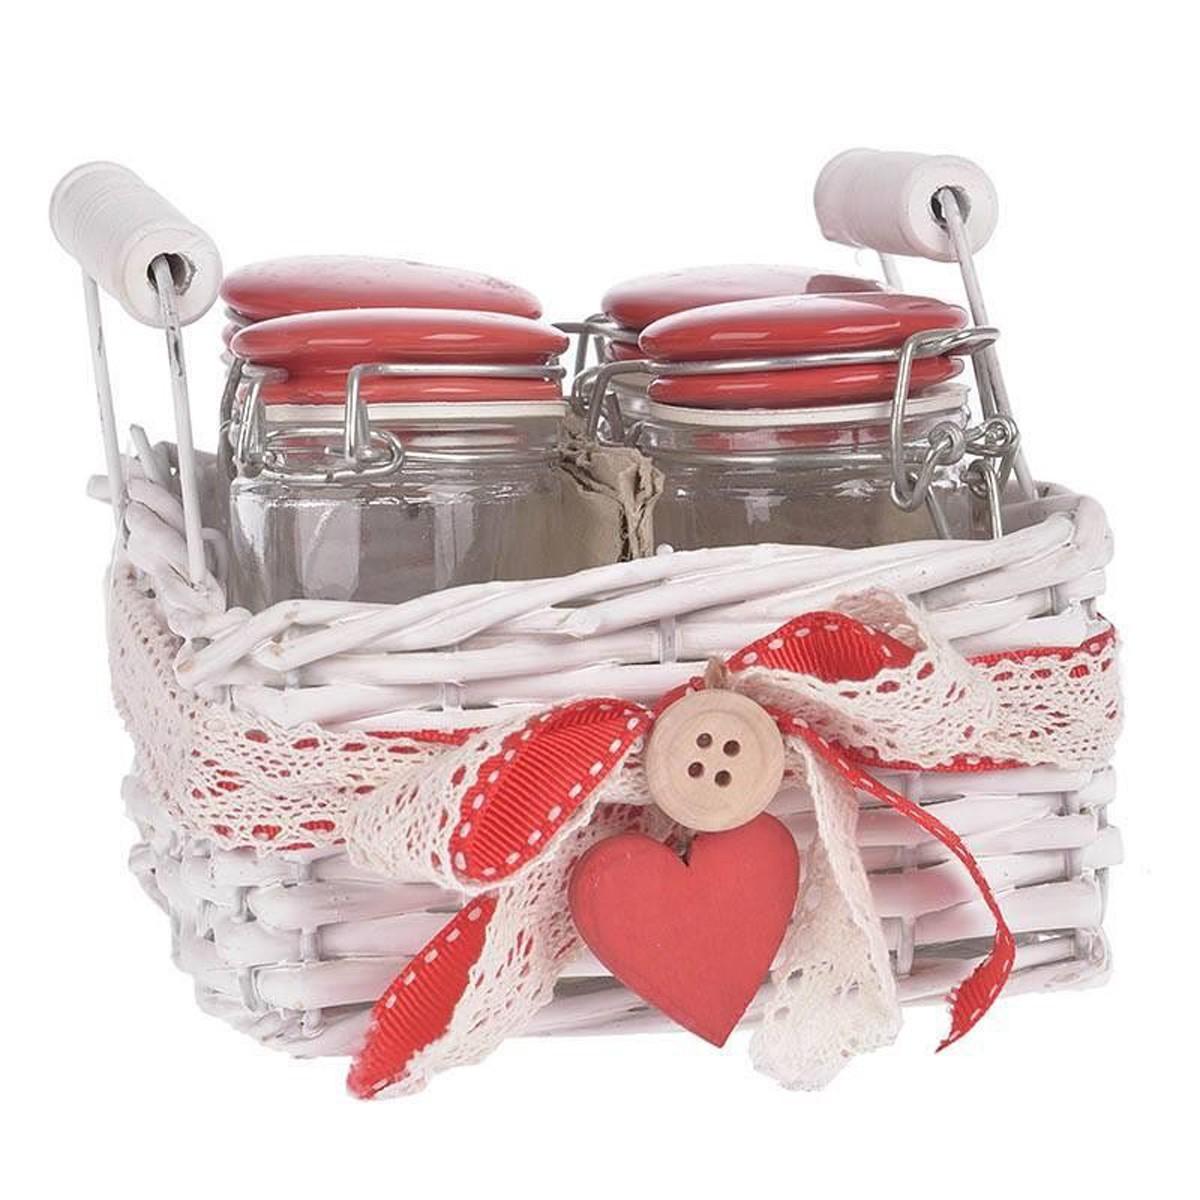 Βάζα Κουζίνας (Σετ 4τμχ) InArt Gigi 3-60-369-0023 58520